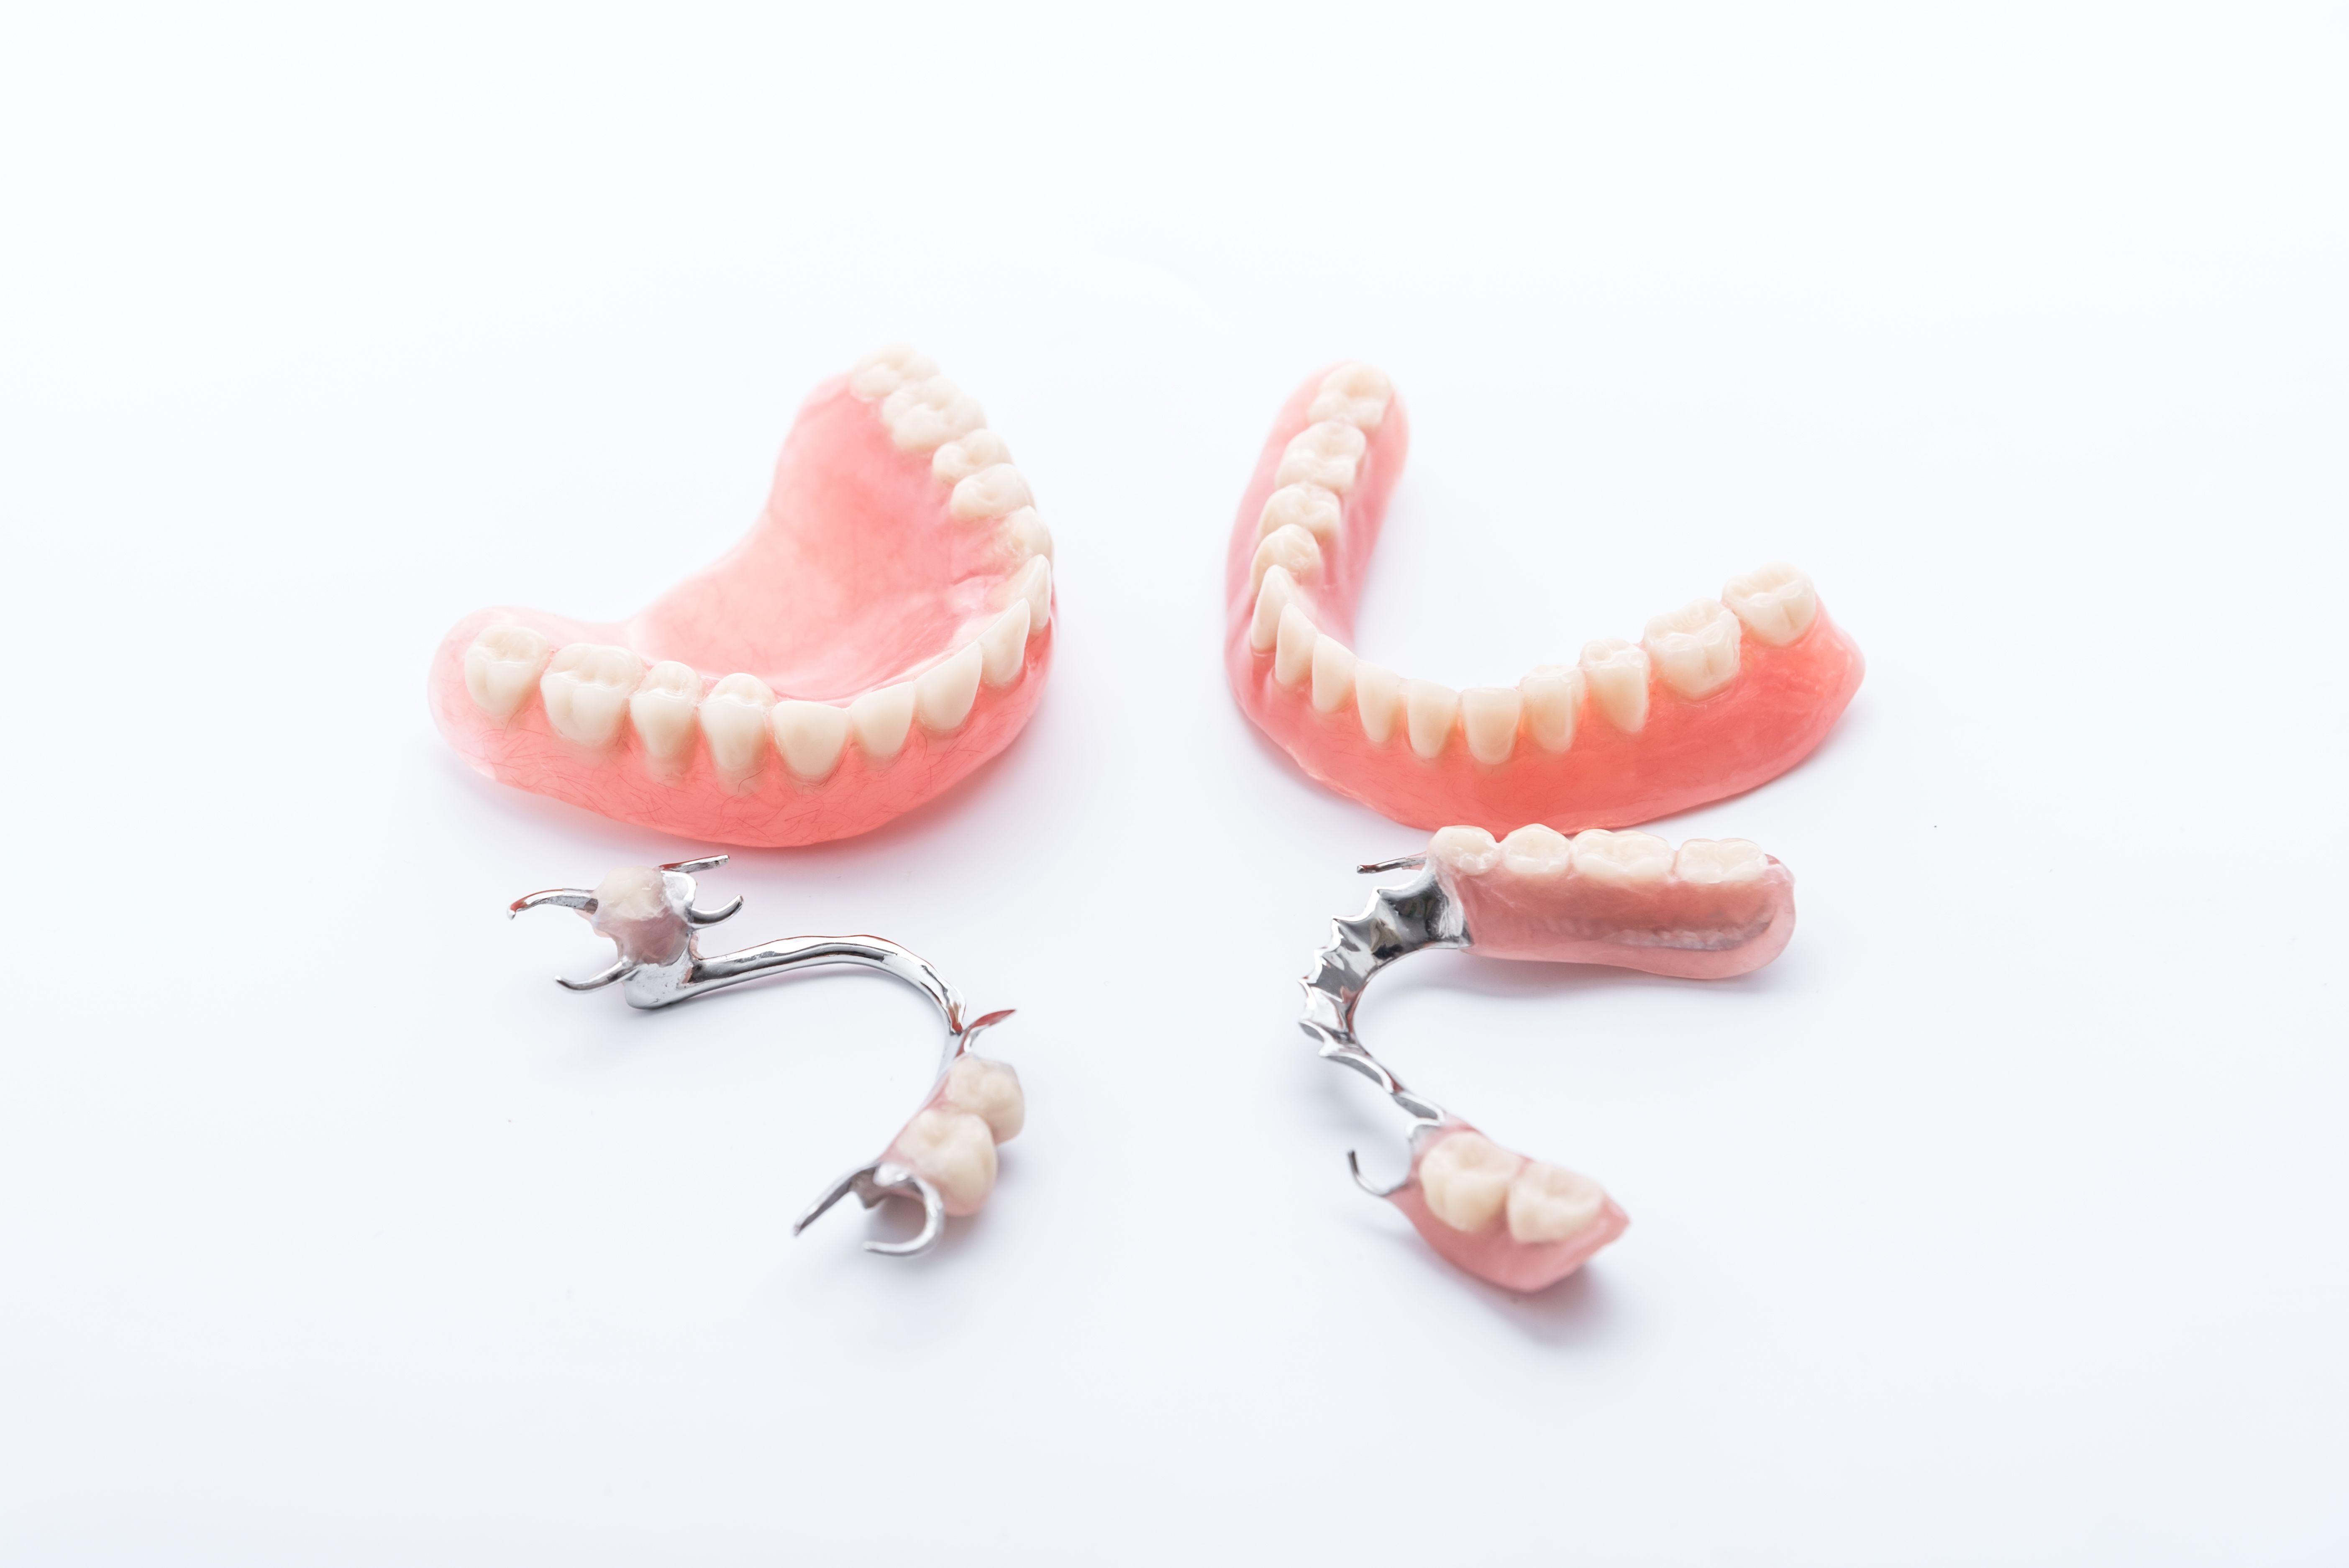 Prótesis fija y removible: Tratamientos de Clínica De Especialidades Dentales Villaverde